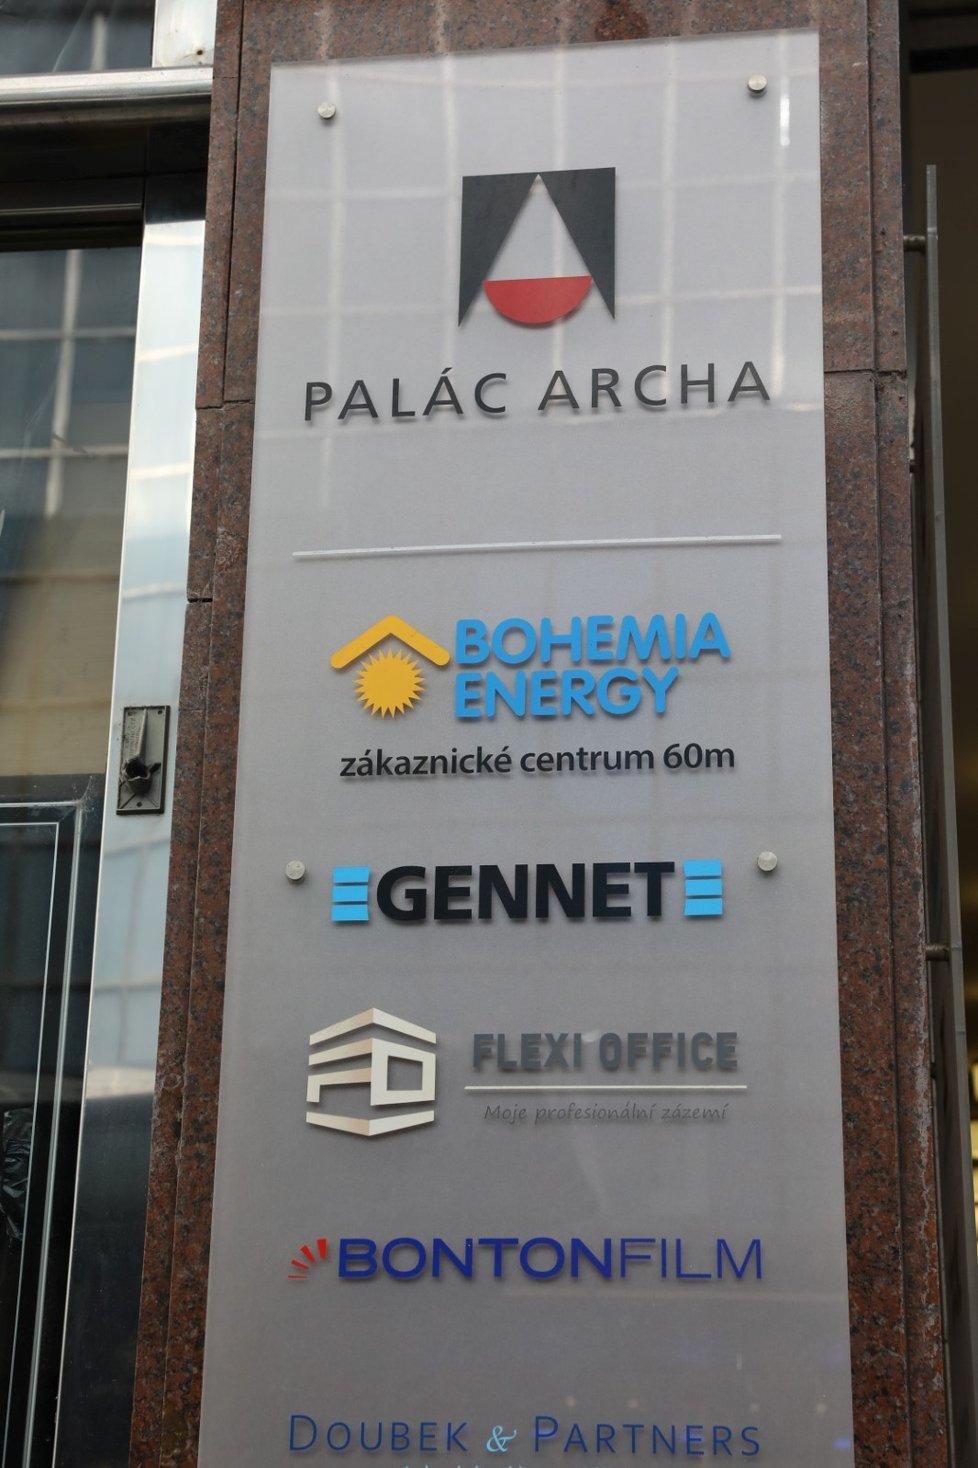 Bohemia Energy měla kanceláře v centru Prahy